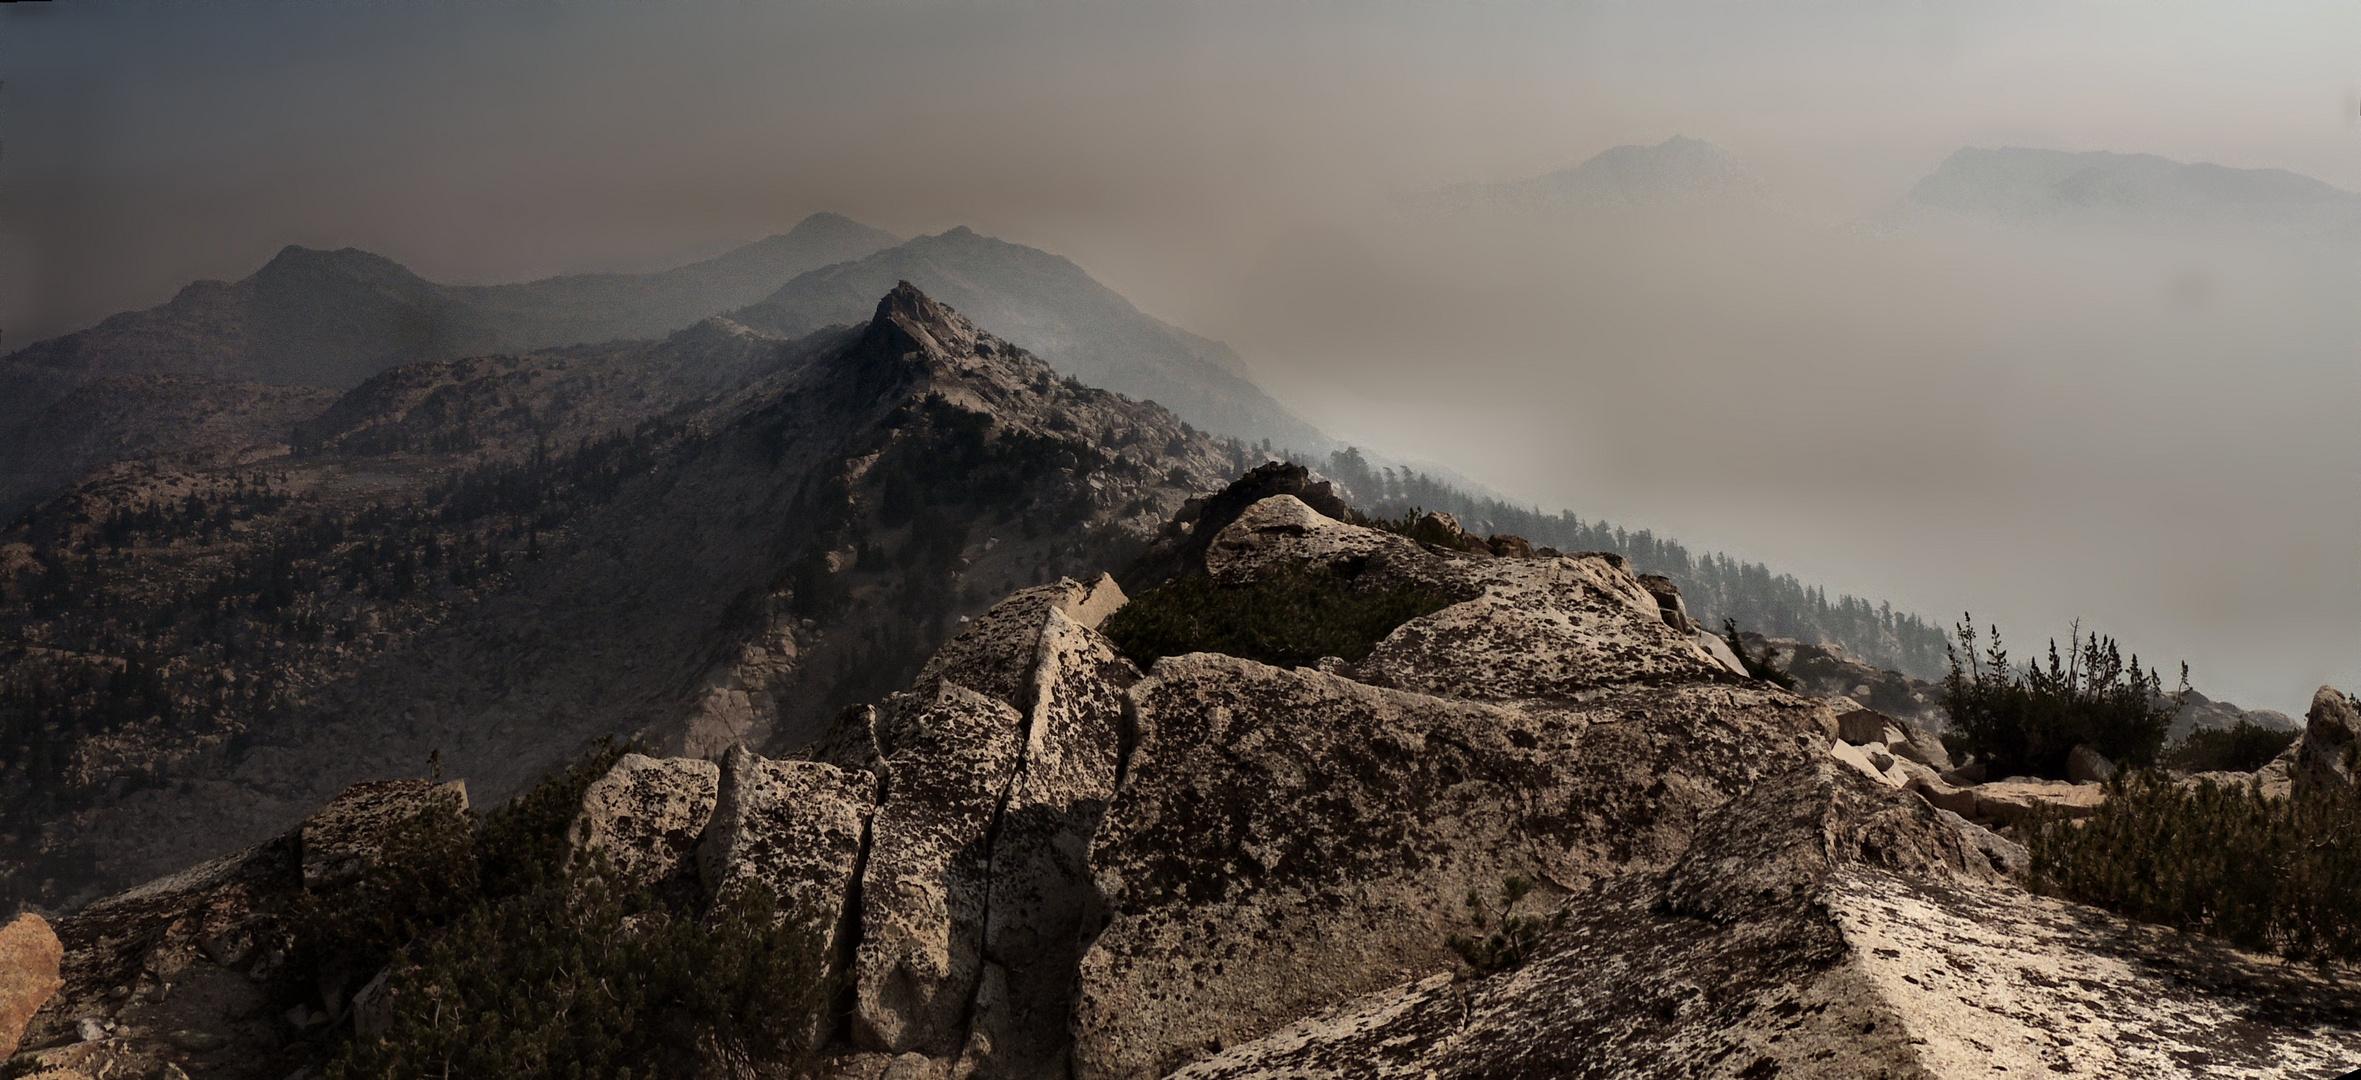 wildfire smoke fills Jack Main canyon